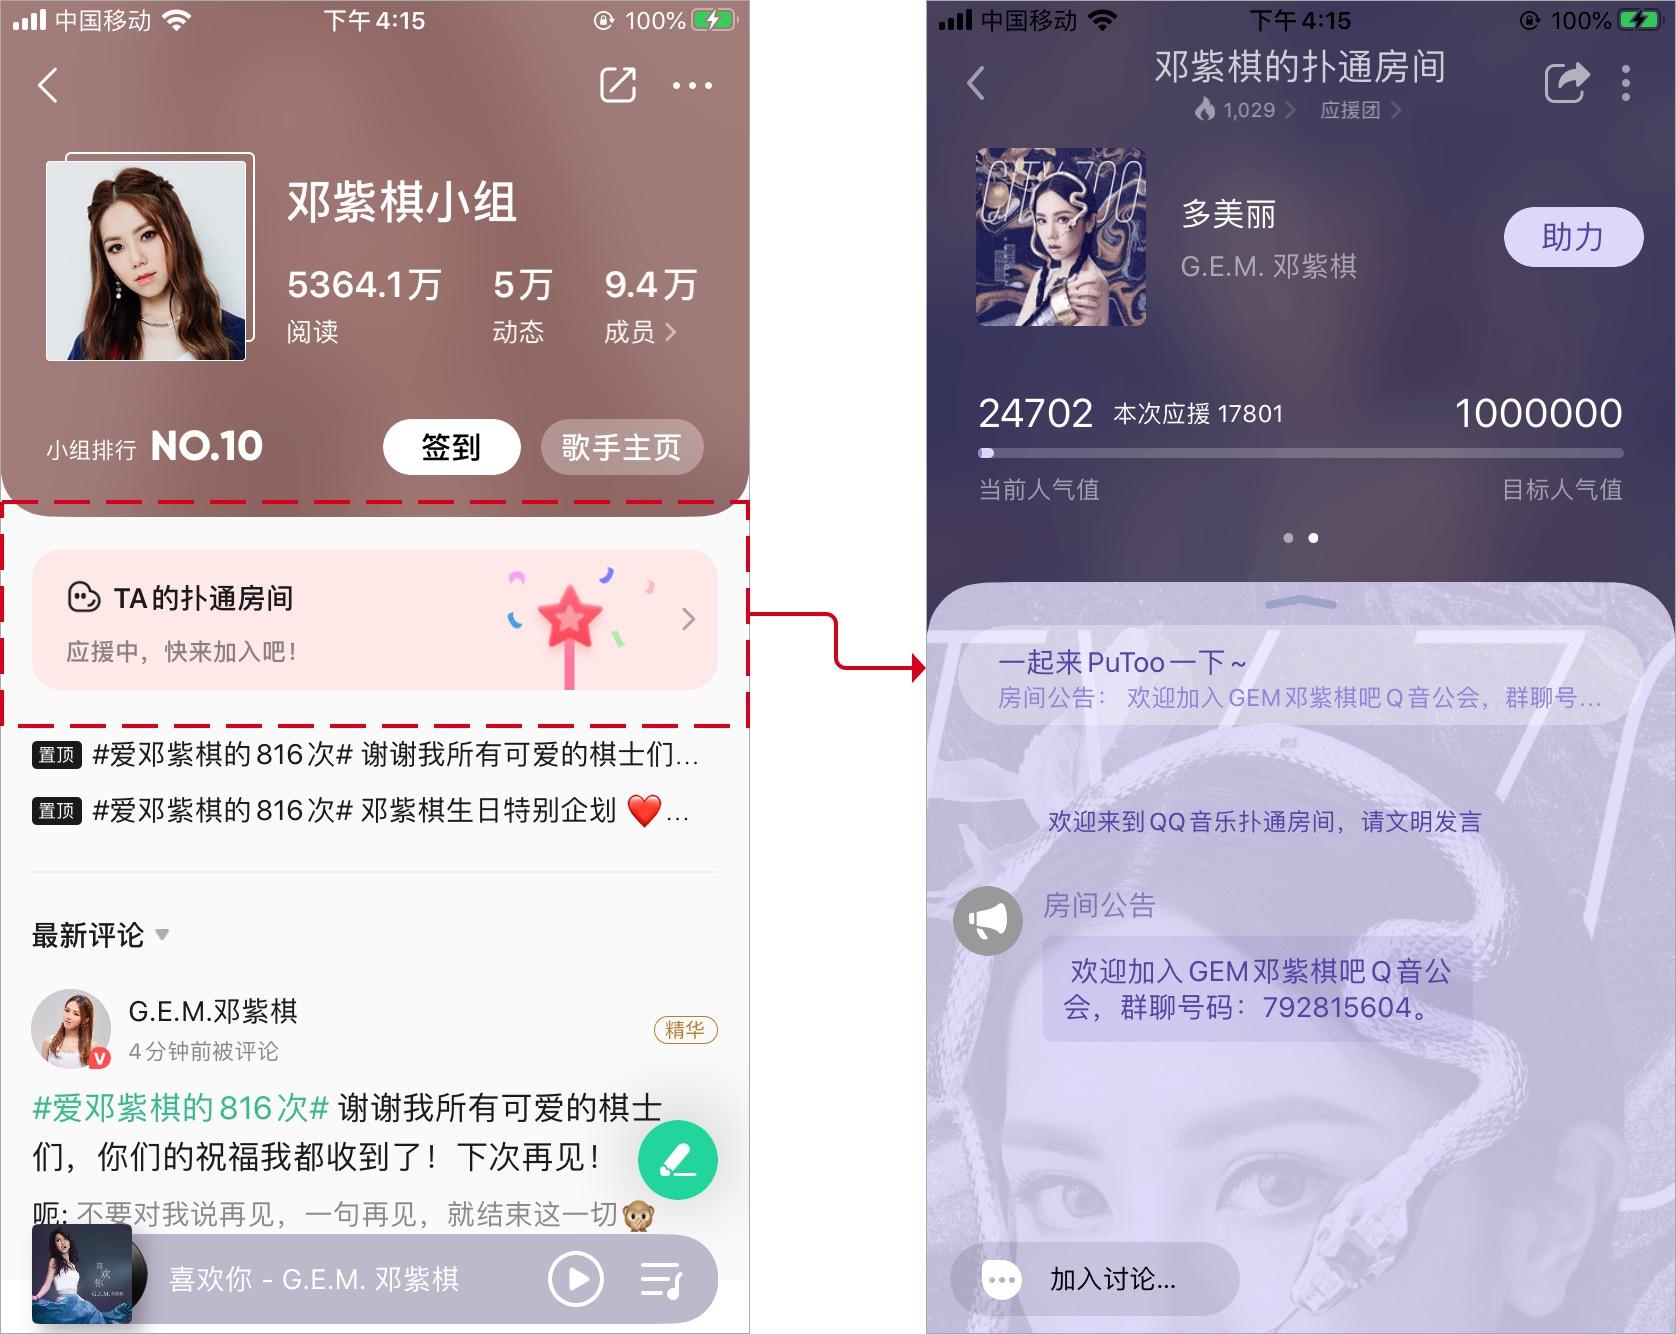 拆解QQ音乐扑通社区:聊聊音乐+社区新模式插图4